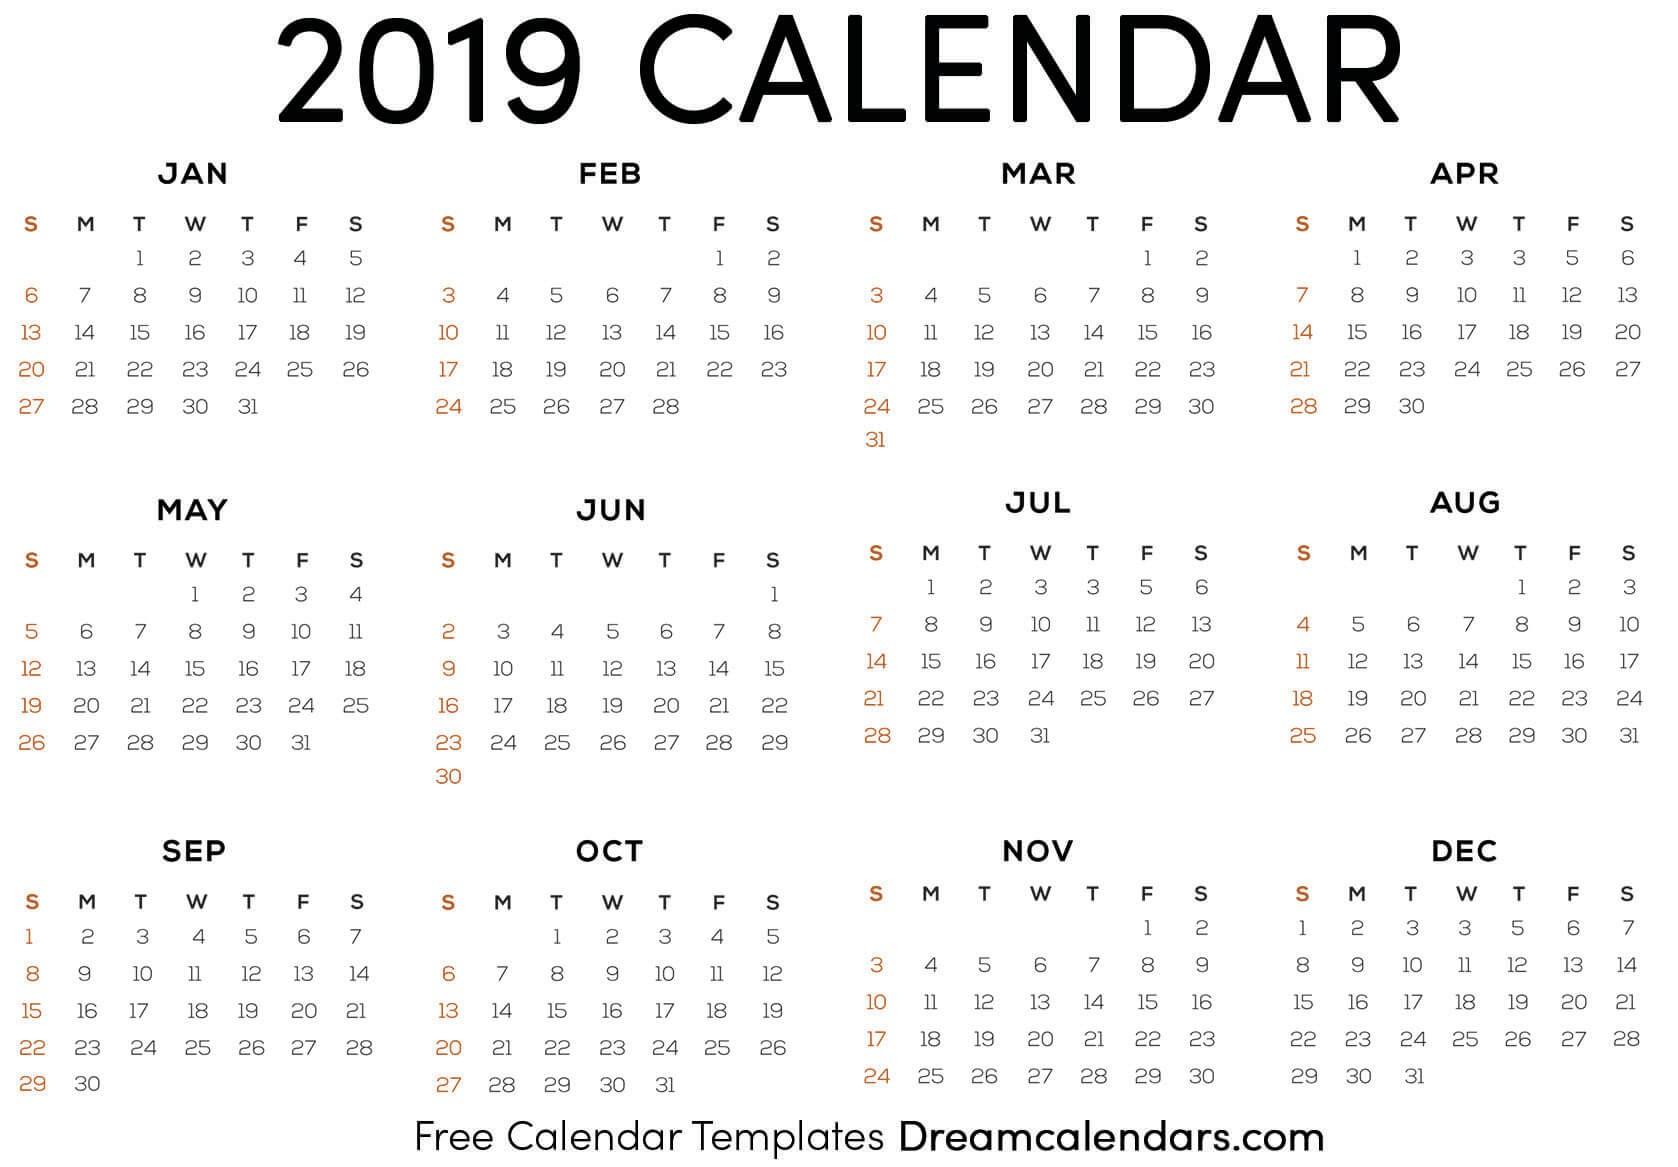 Printable 2019 Calendar Dream Calendars